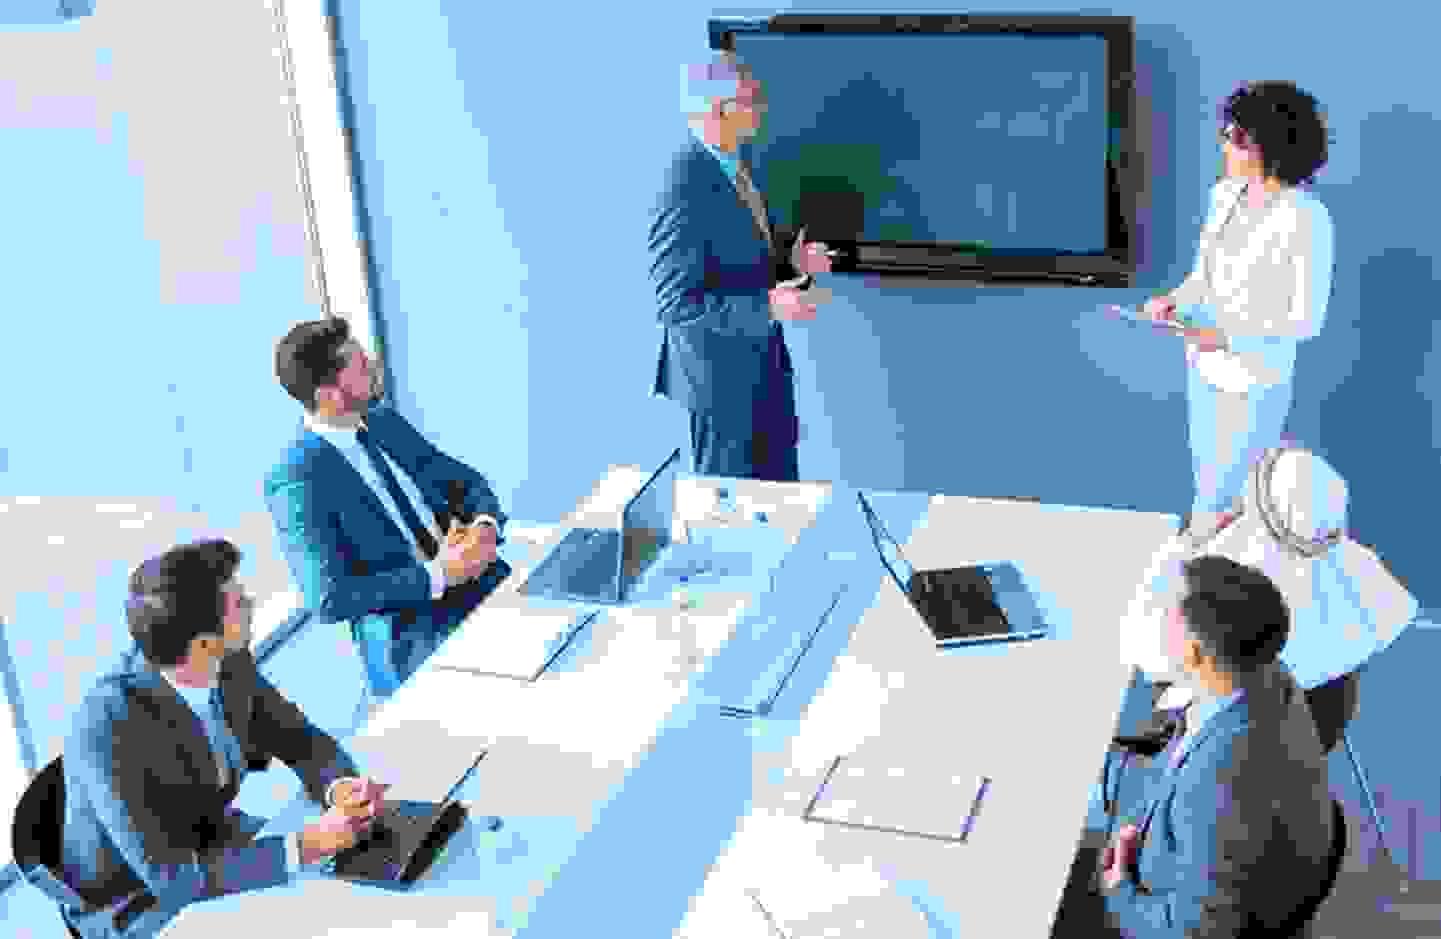 Digitalisierung - Start. Now. Jetzt alle Möglichkeiten des digitalisierten Geschäftsalltags entdecken »